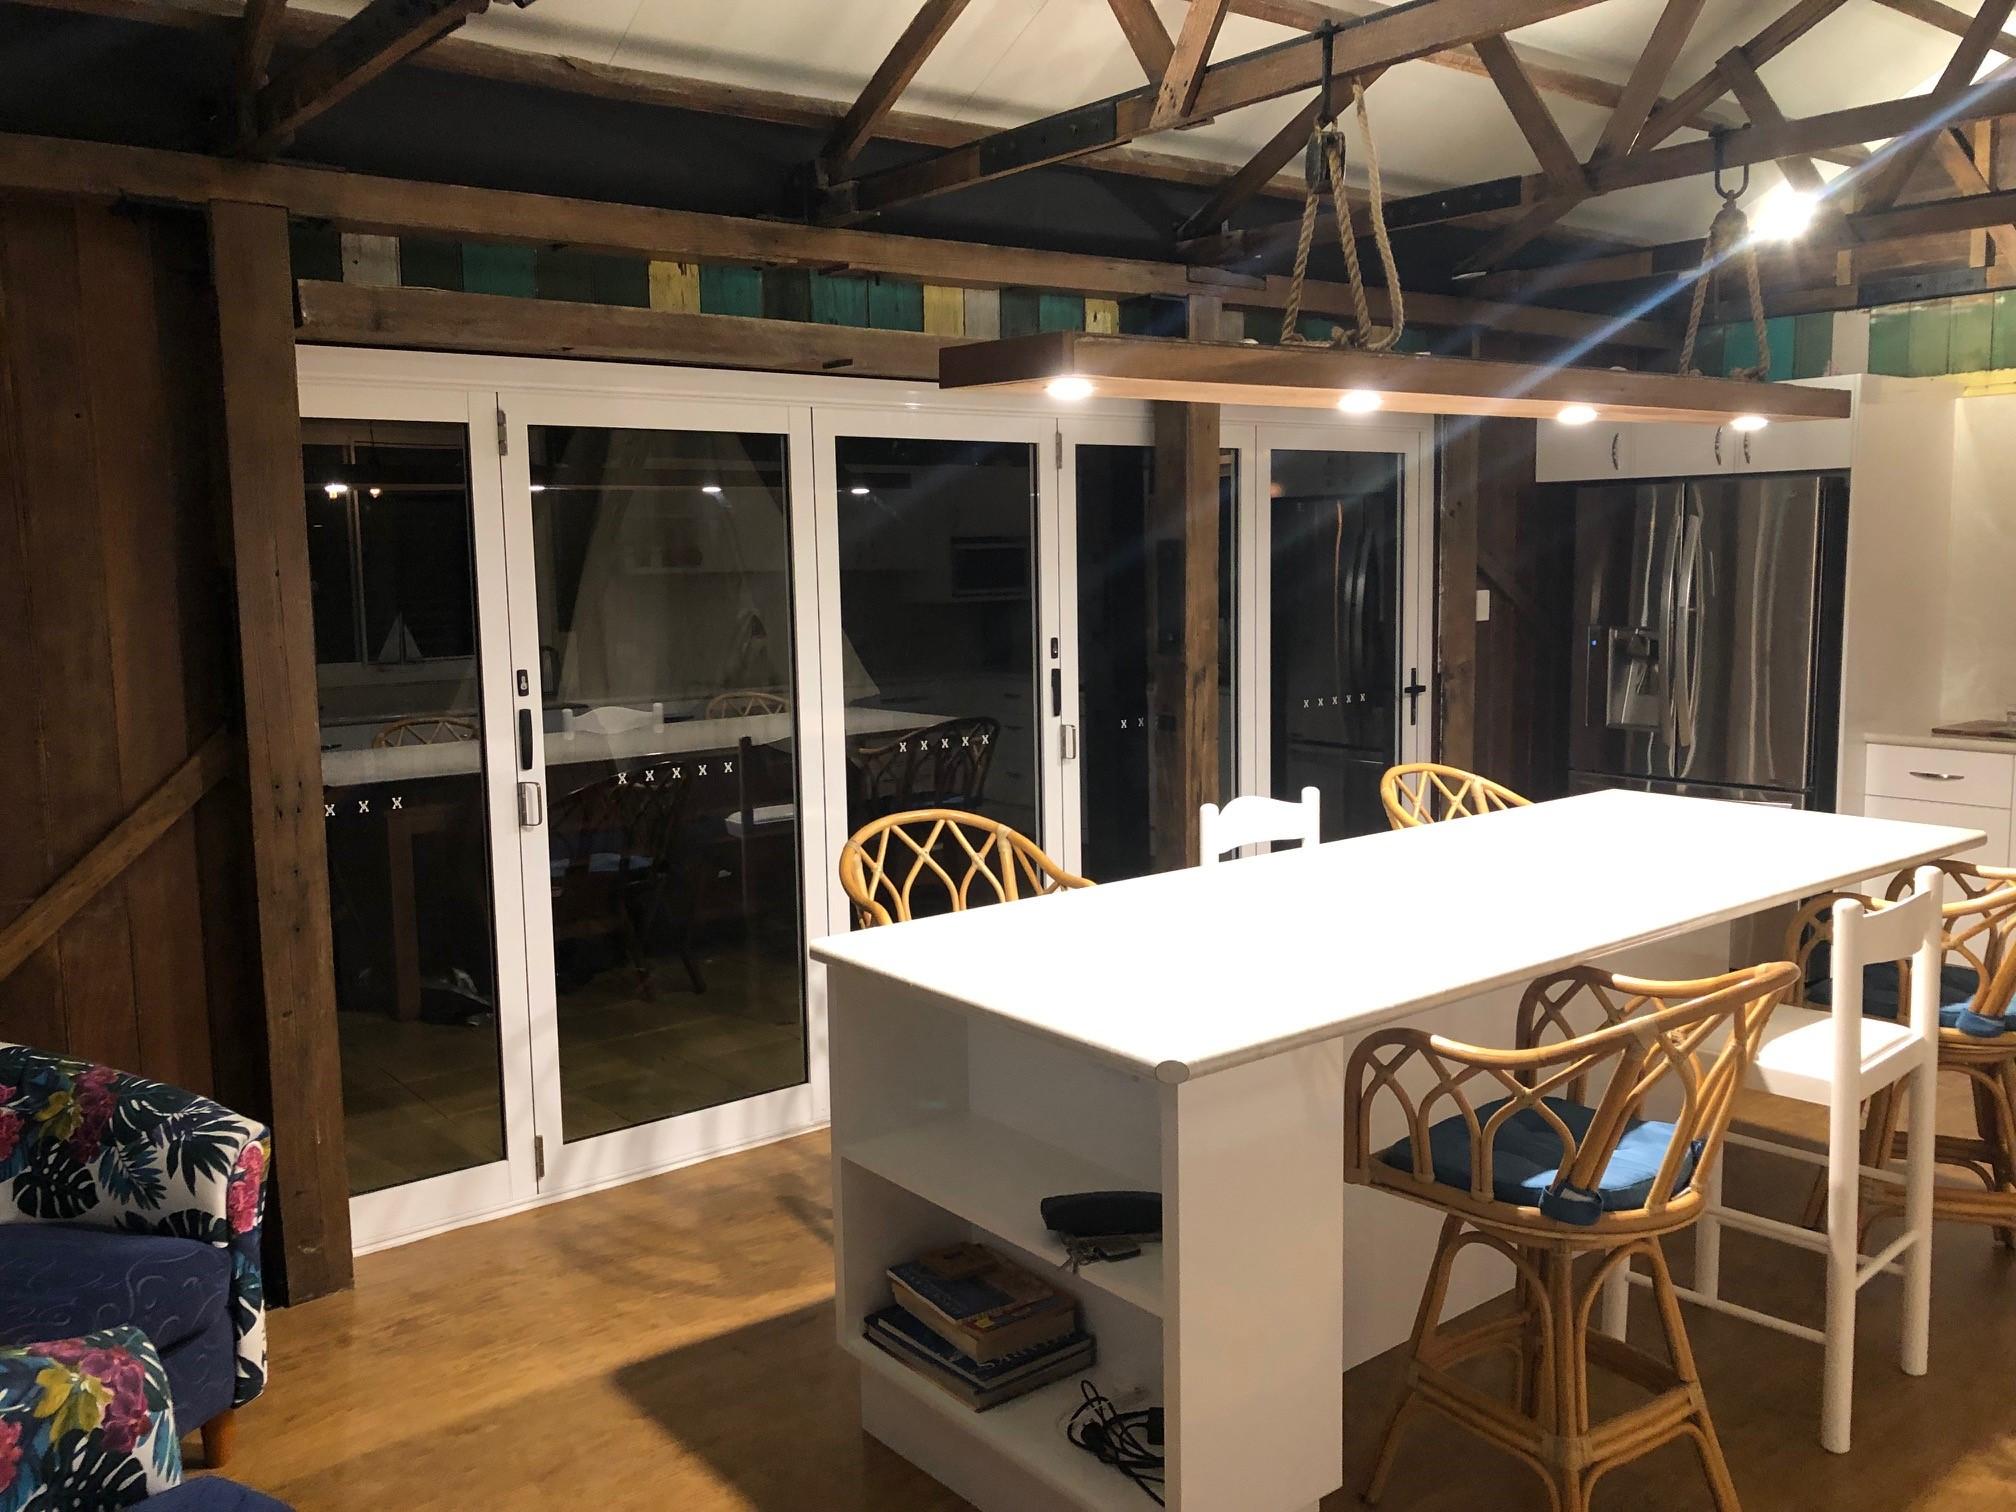 Quarterdeck Kitchen gallery image